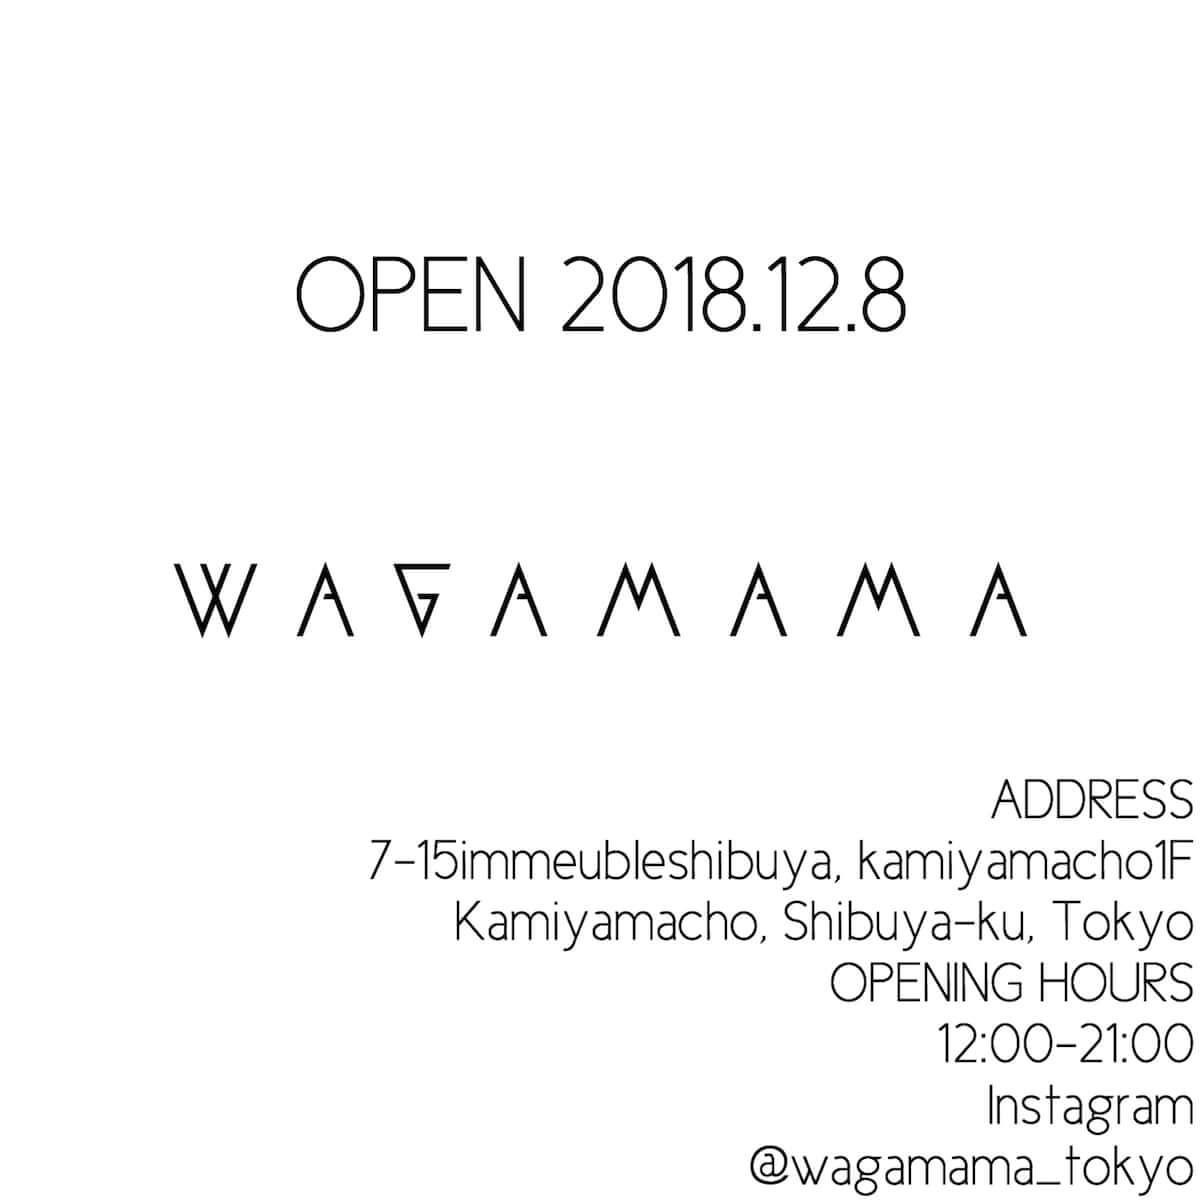 """オーナーの""""我儘""""を表現するためのショップ 「WAGAMAMA TOKYO」が奥渋谷にオープン fashion181217_wagamamatokyo_011-1200x1200"""